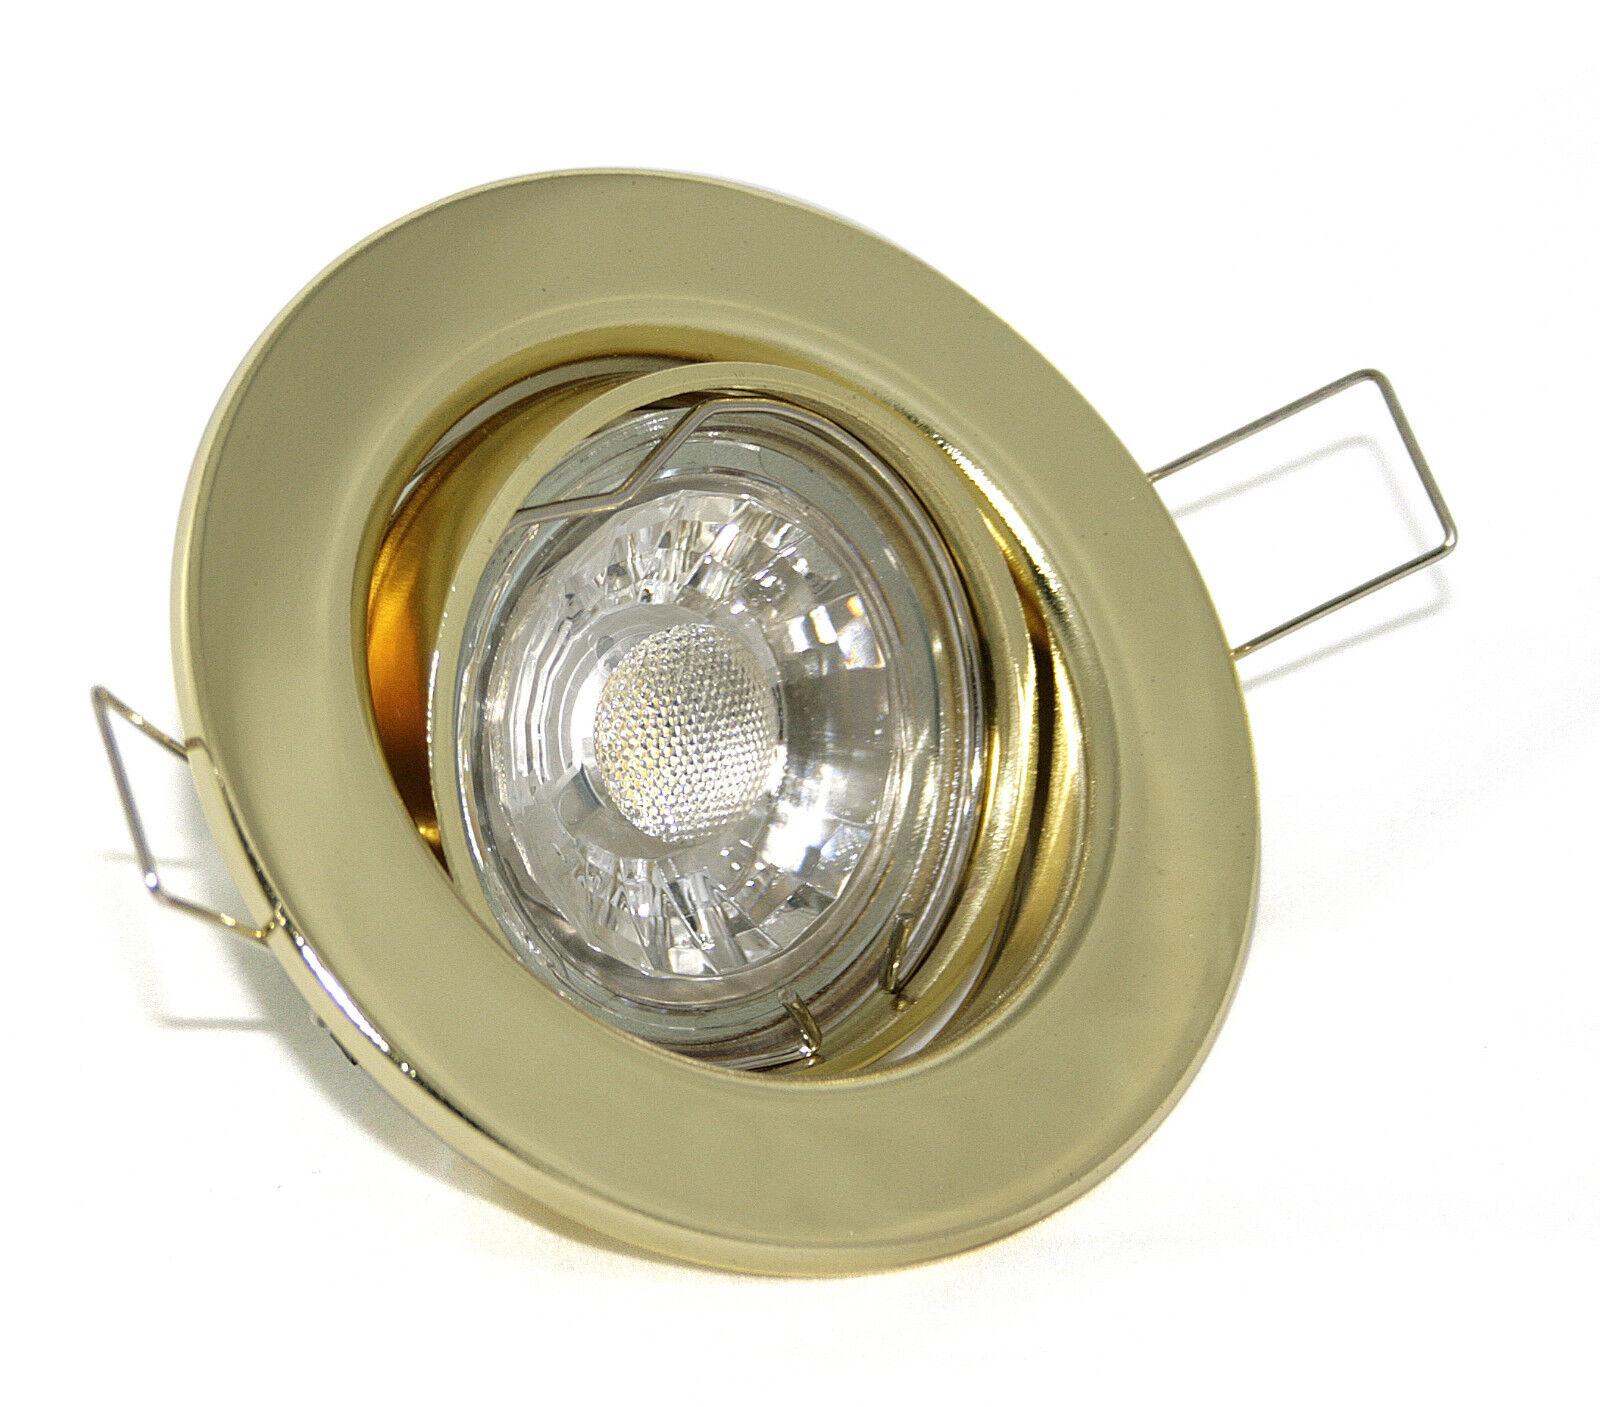 Runde Einbauleuchten K9222 Set Einbauspot GU10 LED 3W COB Einbaurahmen Strahler